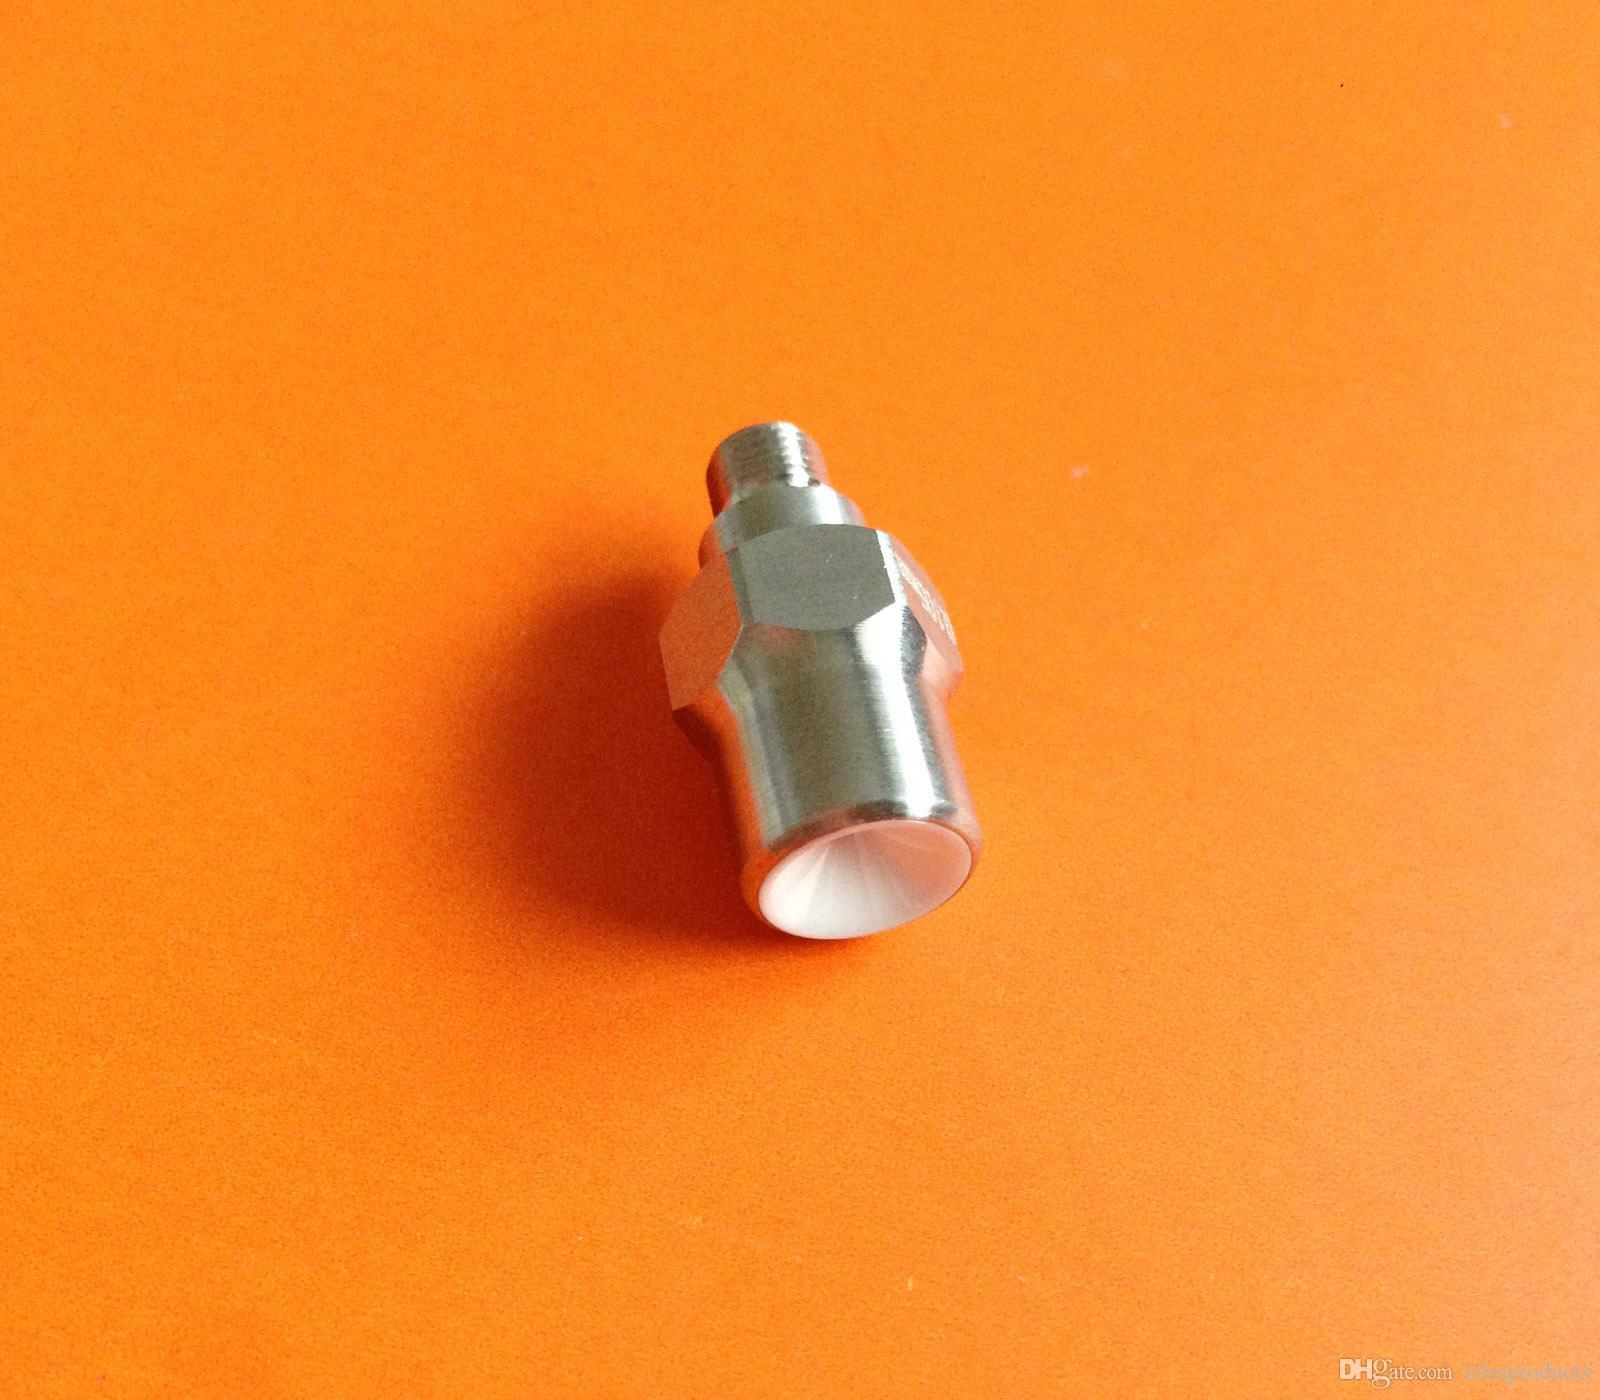 Ø0.255mm edm Guide-fil F113 Inférieur A290-8092-X716 pour Fanuc A, B, C, IA, iB Guide de diamant d = 0,255 mm A290.8092.X716, A290-8110-X716, A2908092X716